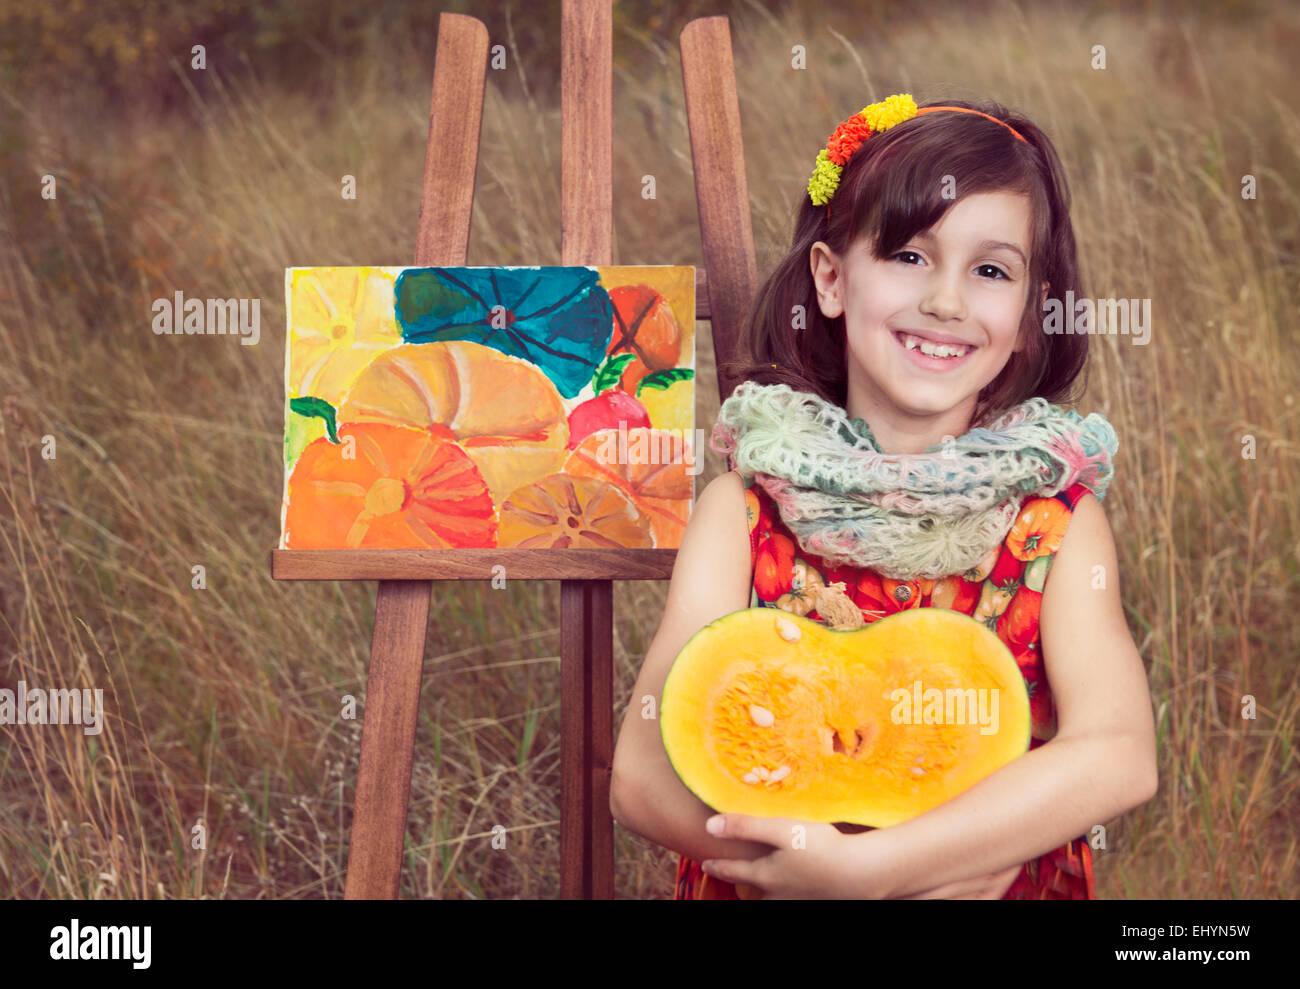 Ragazza seduta con la zucca da un dipinto di zucche Immagini Stock